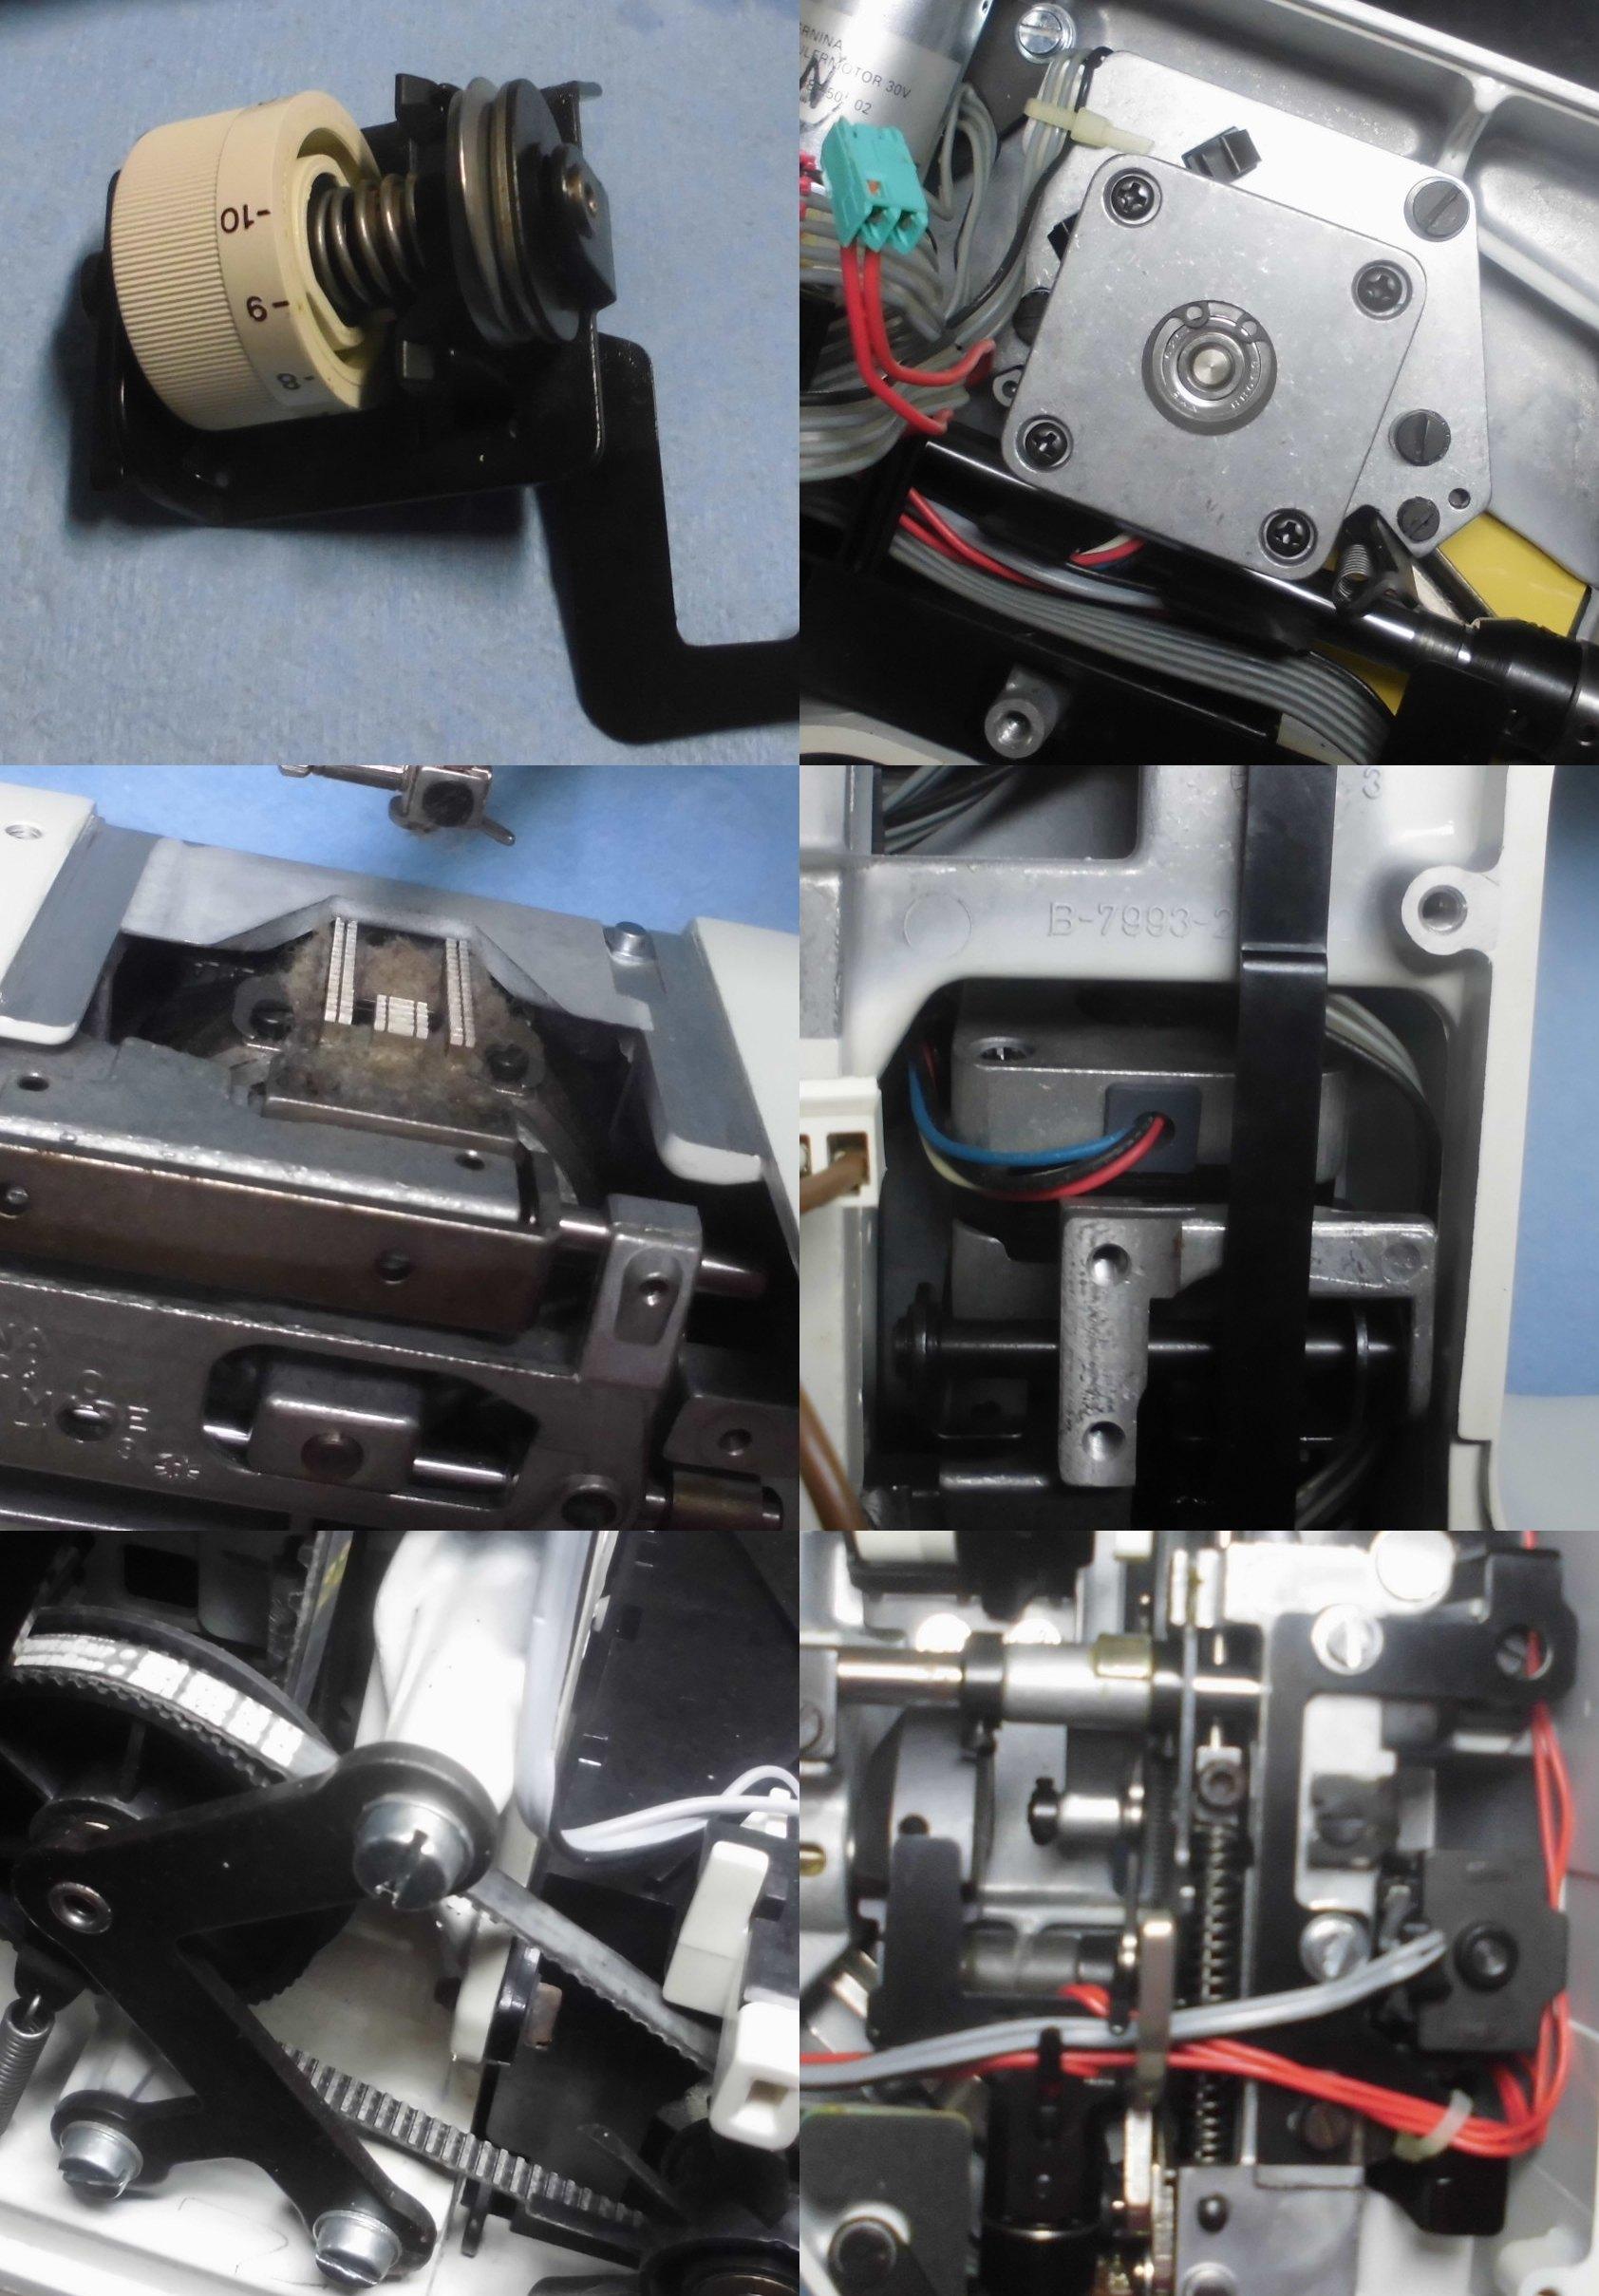 ホリデーヌ1240の故障や不具合|糸調子不良、部品の交換、固着、ステップモーター